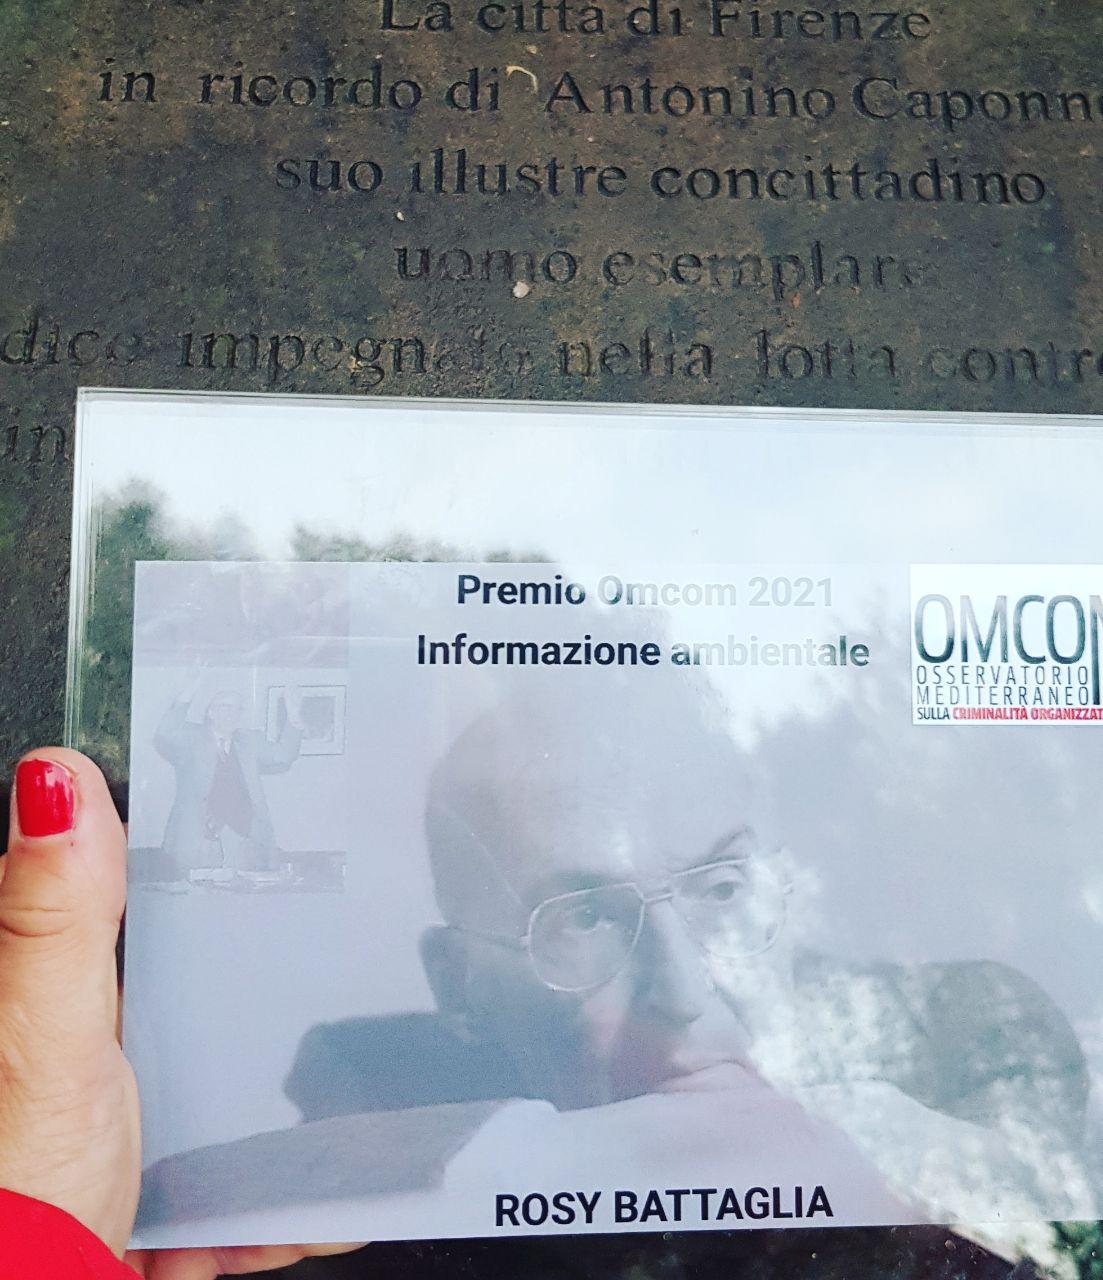 Premio Omcom 2021 per l'informazione ambientale. Il mio grazie alla Fondazione Antonino Caponnetto